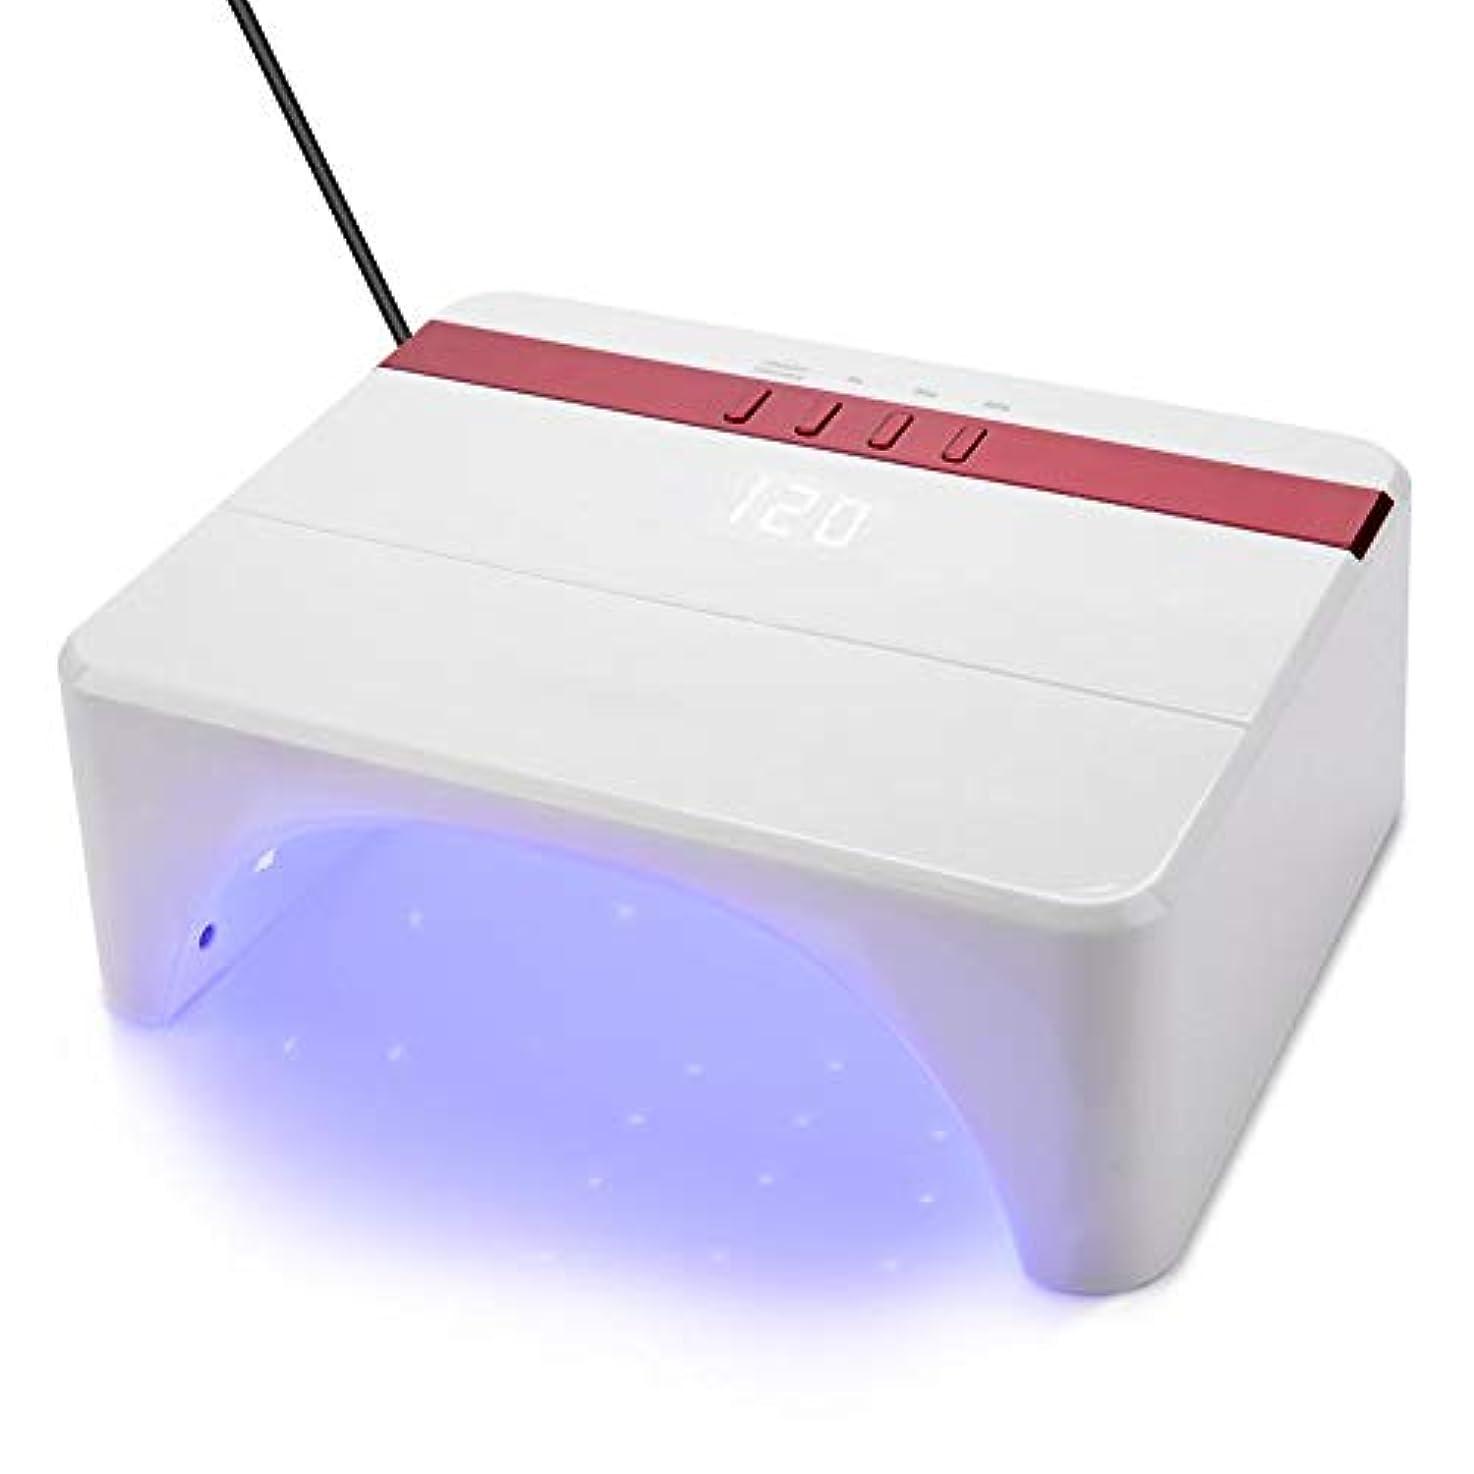 嫌がらせボイラー連合Ochun LEDネイルドライヤー UVネイル硬化ライト ネイルジェル硬化 24W/48Wネイルランプ 赤外線センサー付き 3段階タイマー デジタル表示 30枚LED配置 快速乾燥?硬化(ホワイト)